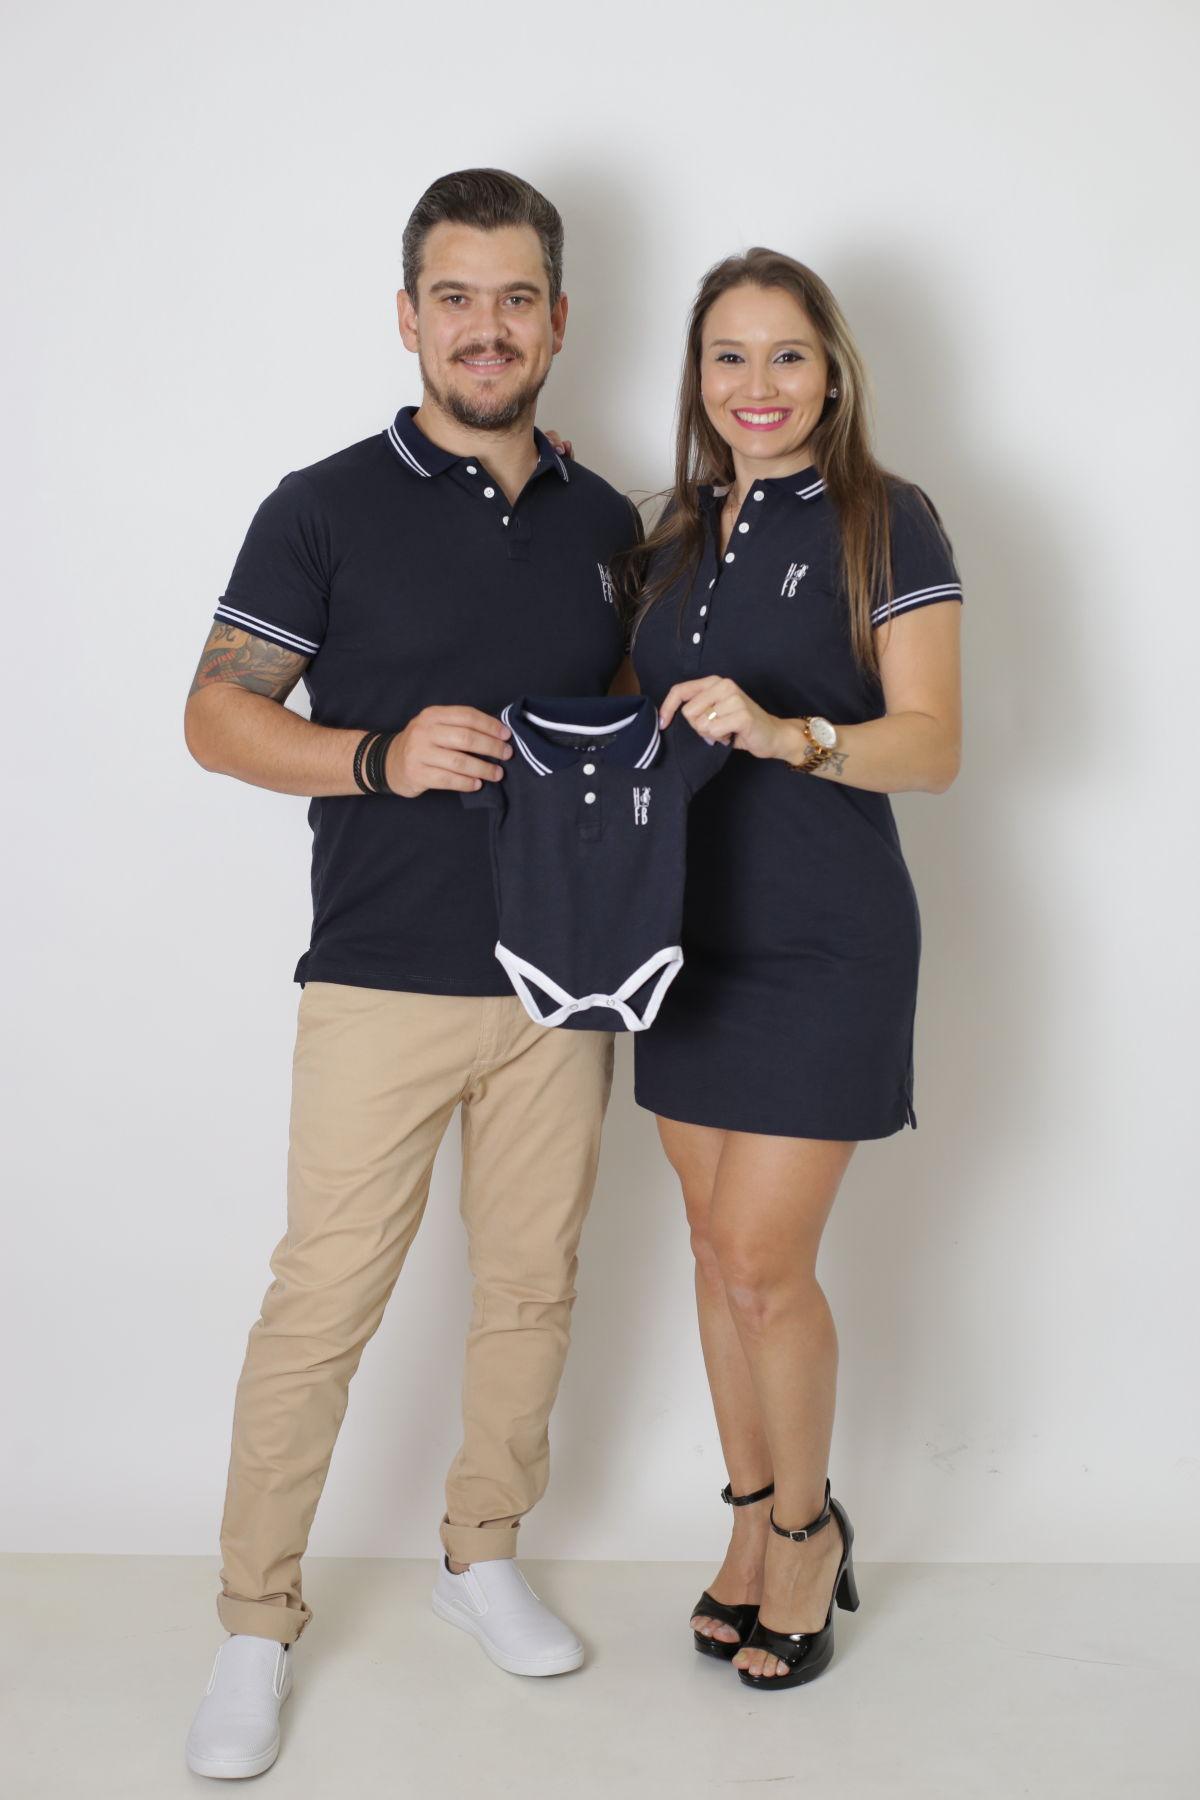 PAIS E FILHOS > Kit 3 Peças - Camisa + Body Unissex + Vestido Polo - Azul Marinho Céu [Coleção Família]  - Heitor Fashion Brazil